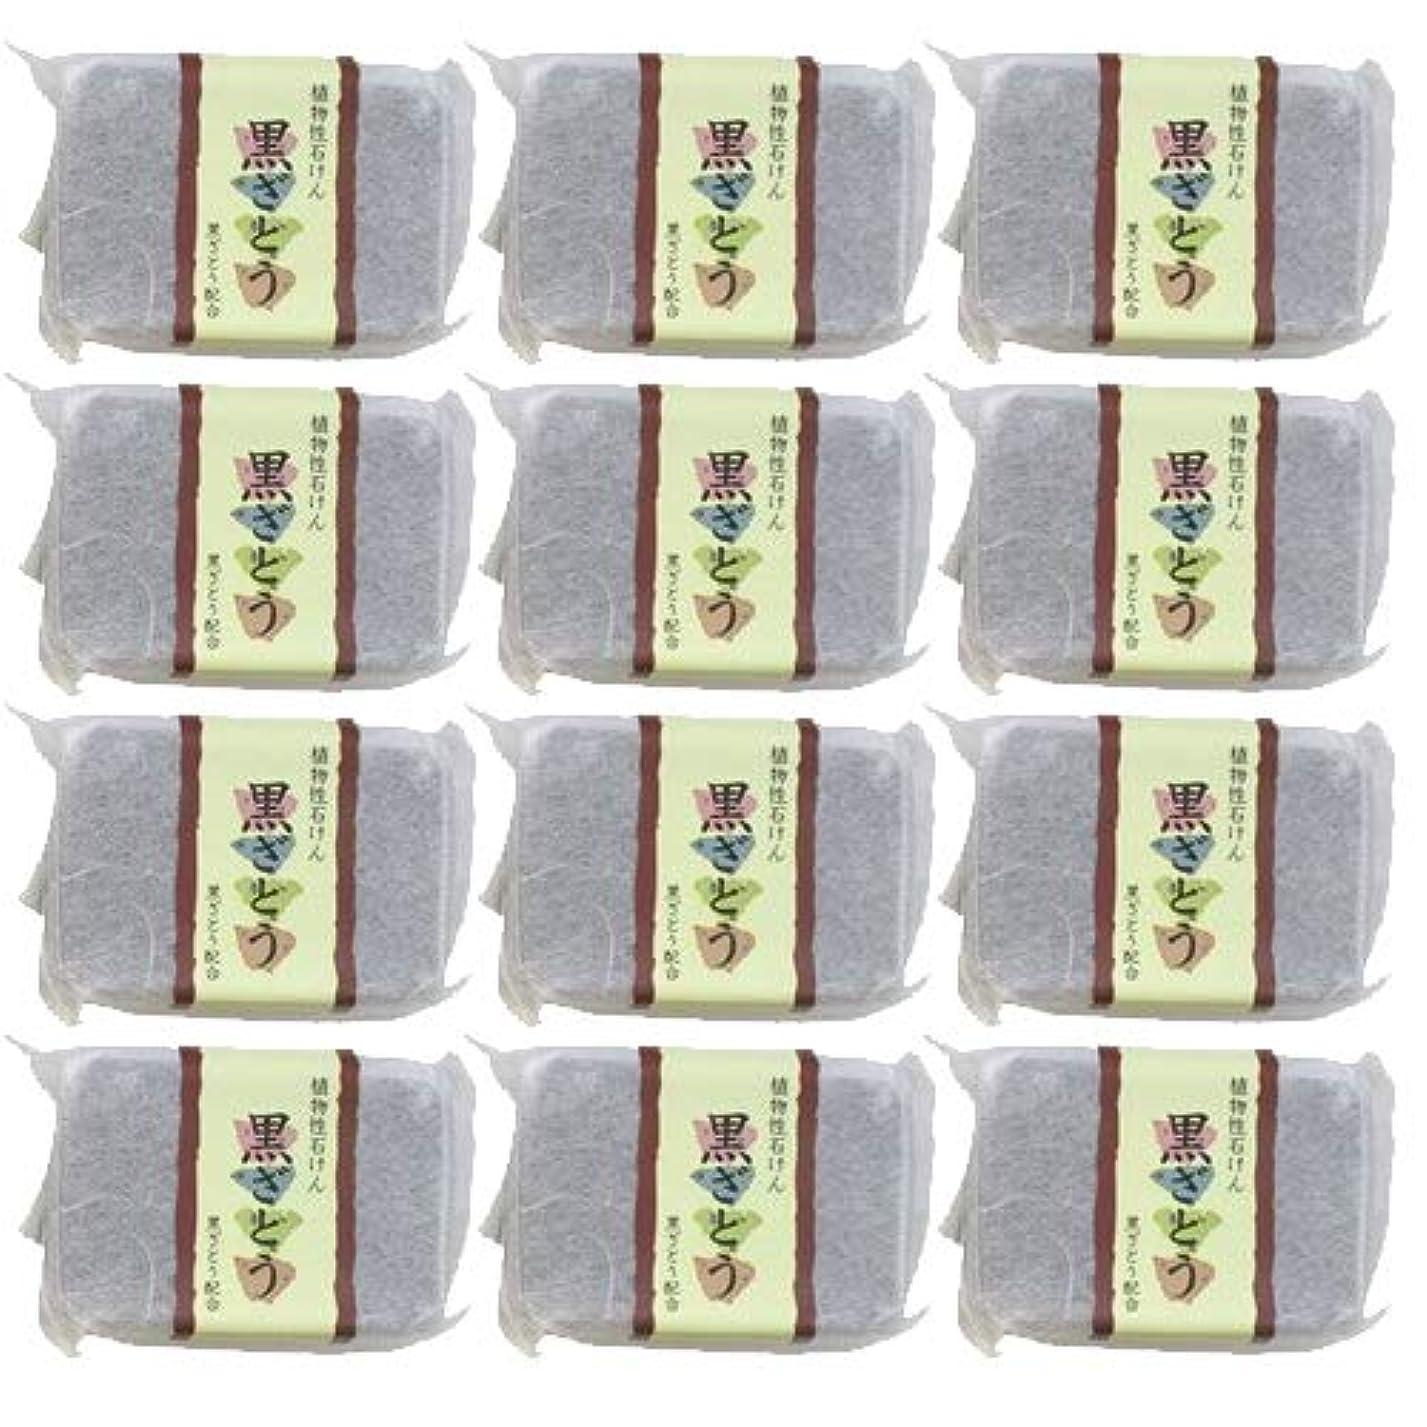 織機好奇心盛アラブサラボ植物性ソープ 自然石けん 黒ざとう 80g ×12個